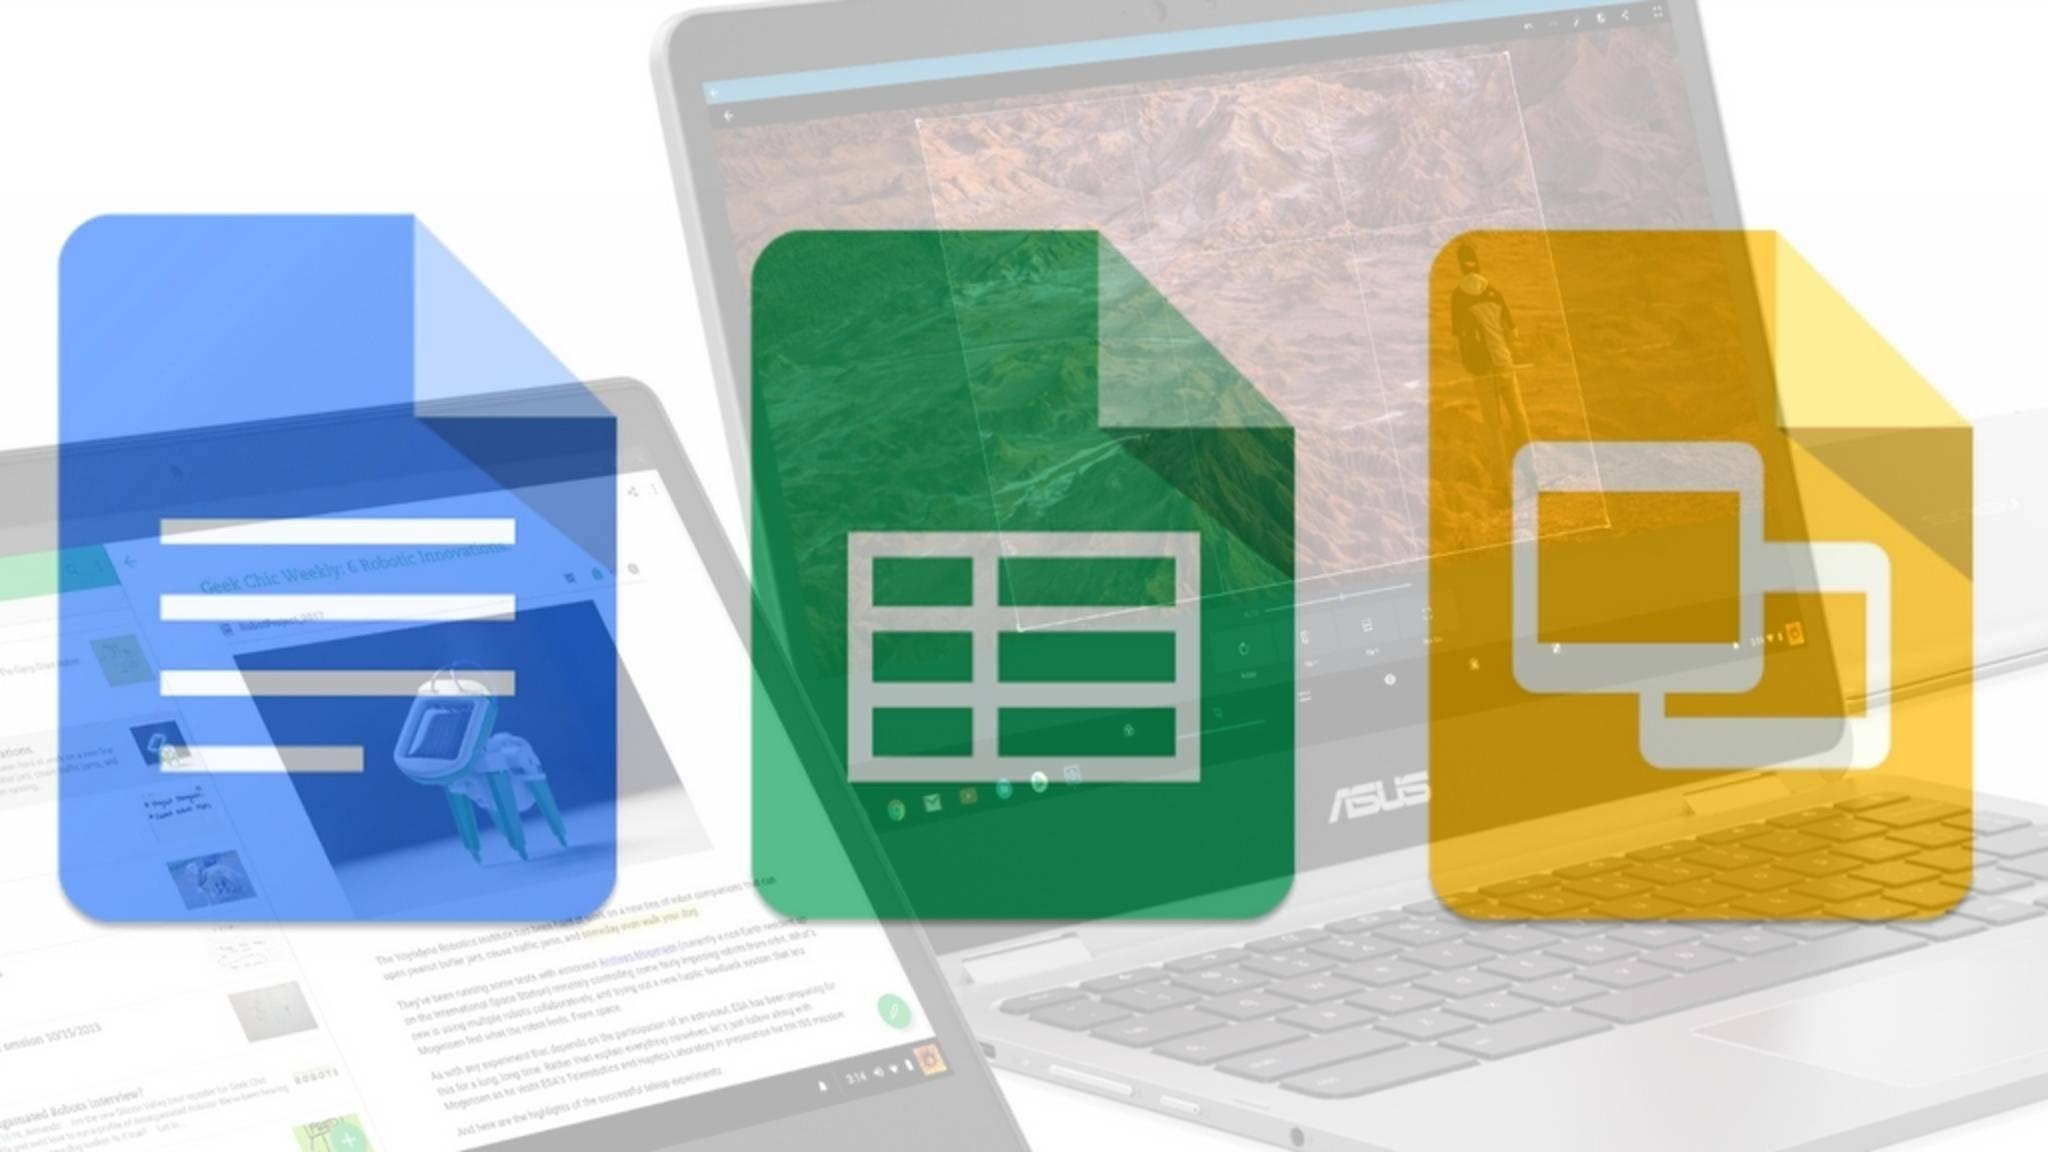 Google Docs lassen sich auch offline nutzen - am PC und mobil.